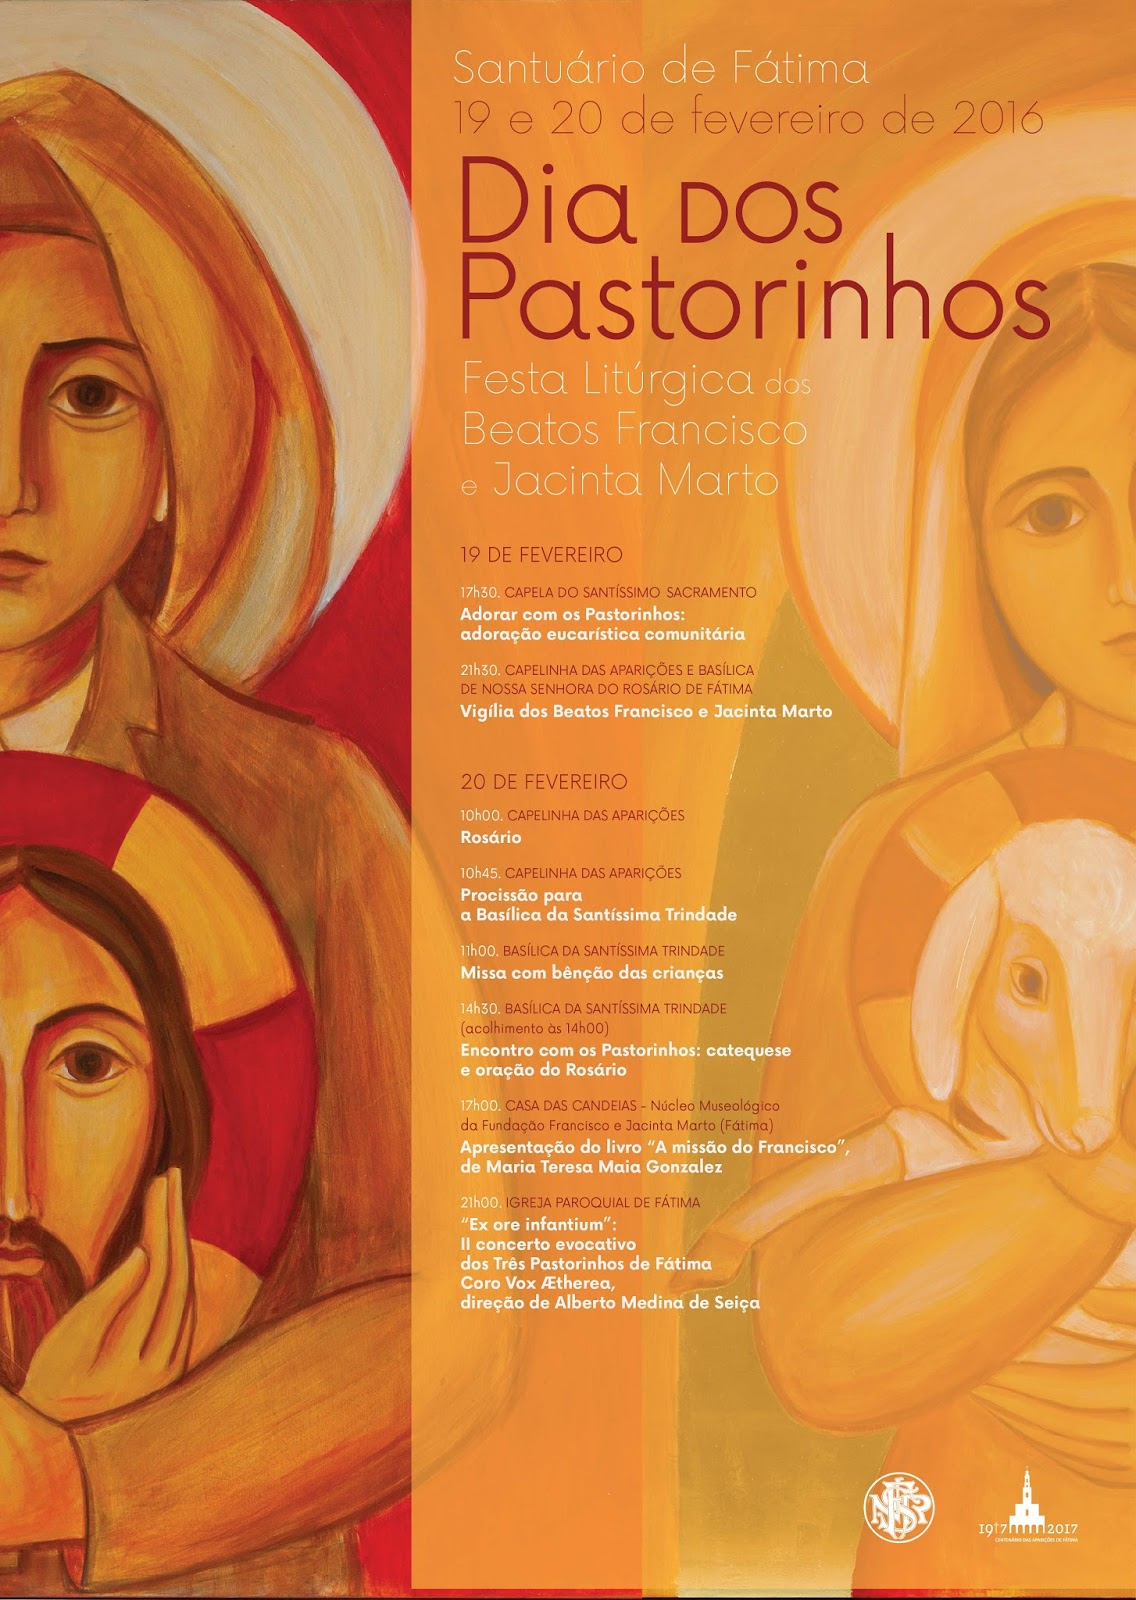 Dia dos Pastorinhos celebrado pelo Santuário com um concerto e o lançamento de um livro